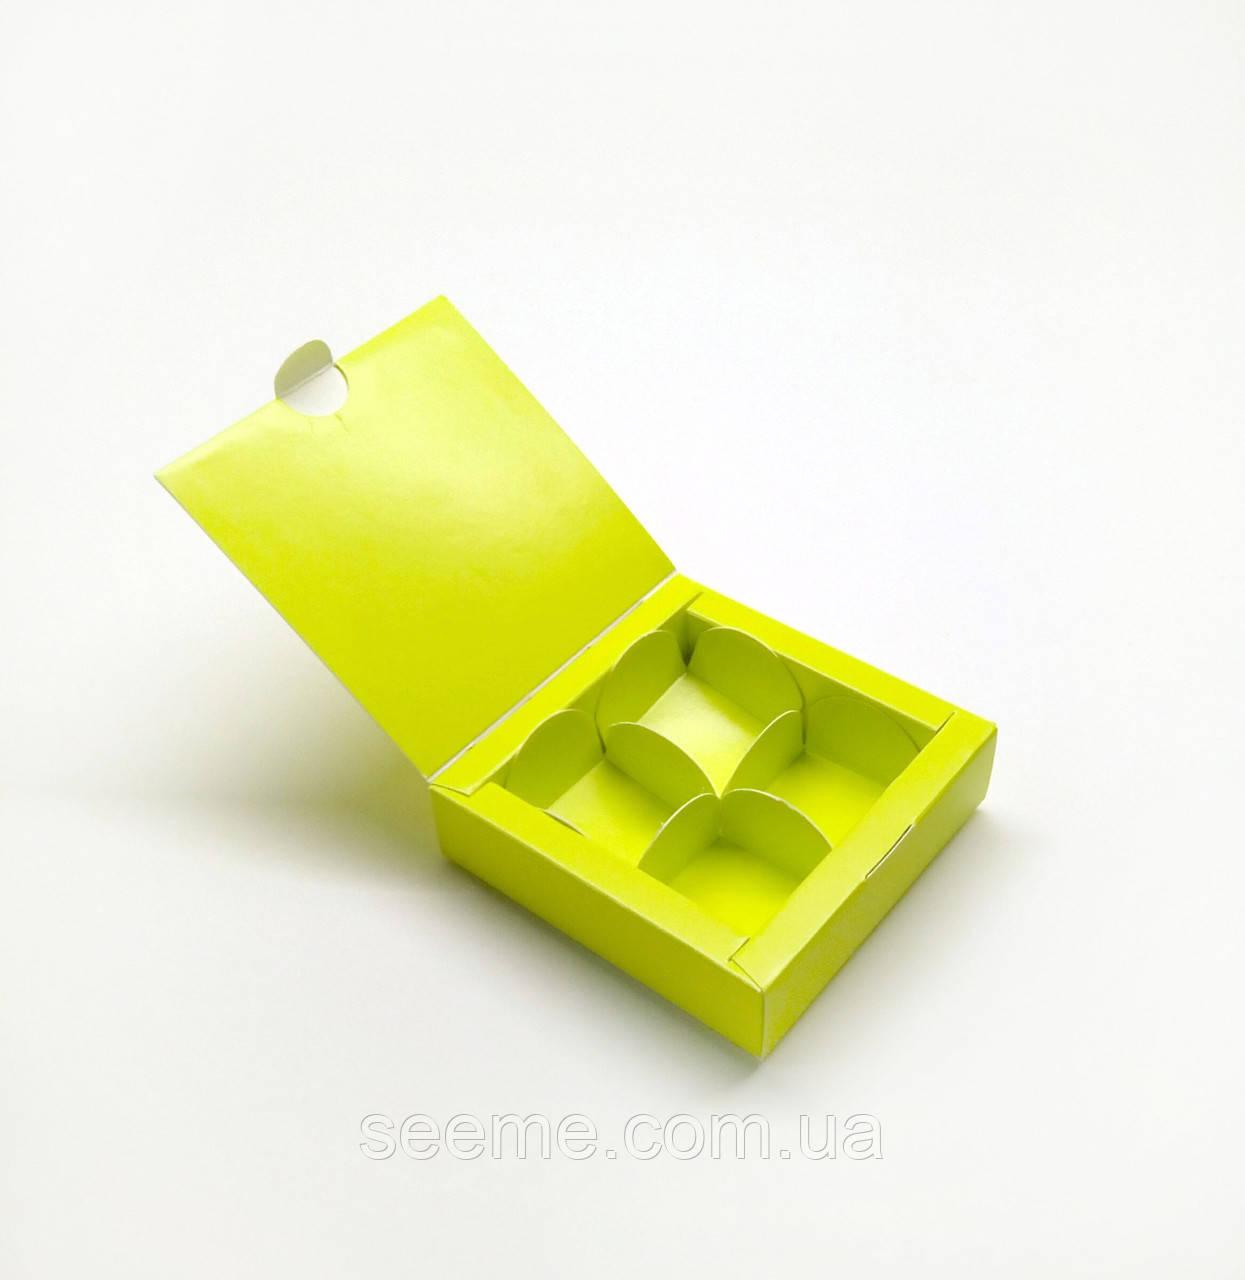 Коробка для 4 конфет 110x110x30 мм, цвет лайм